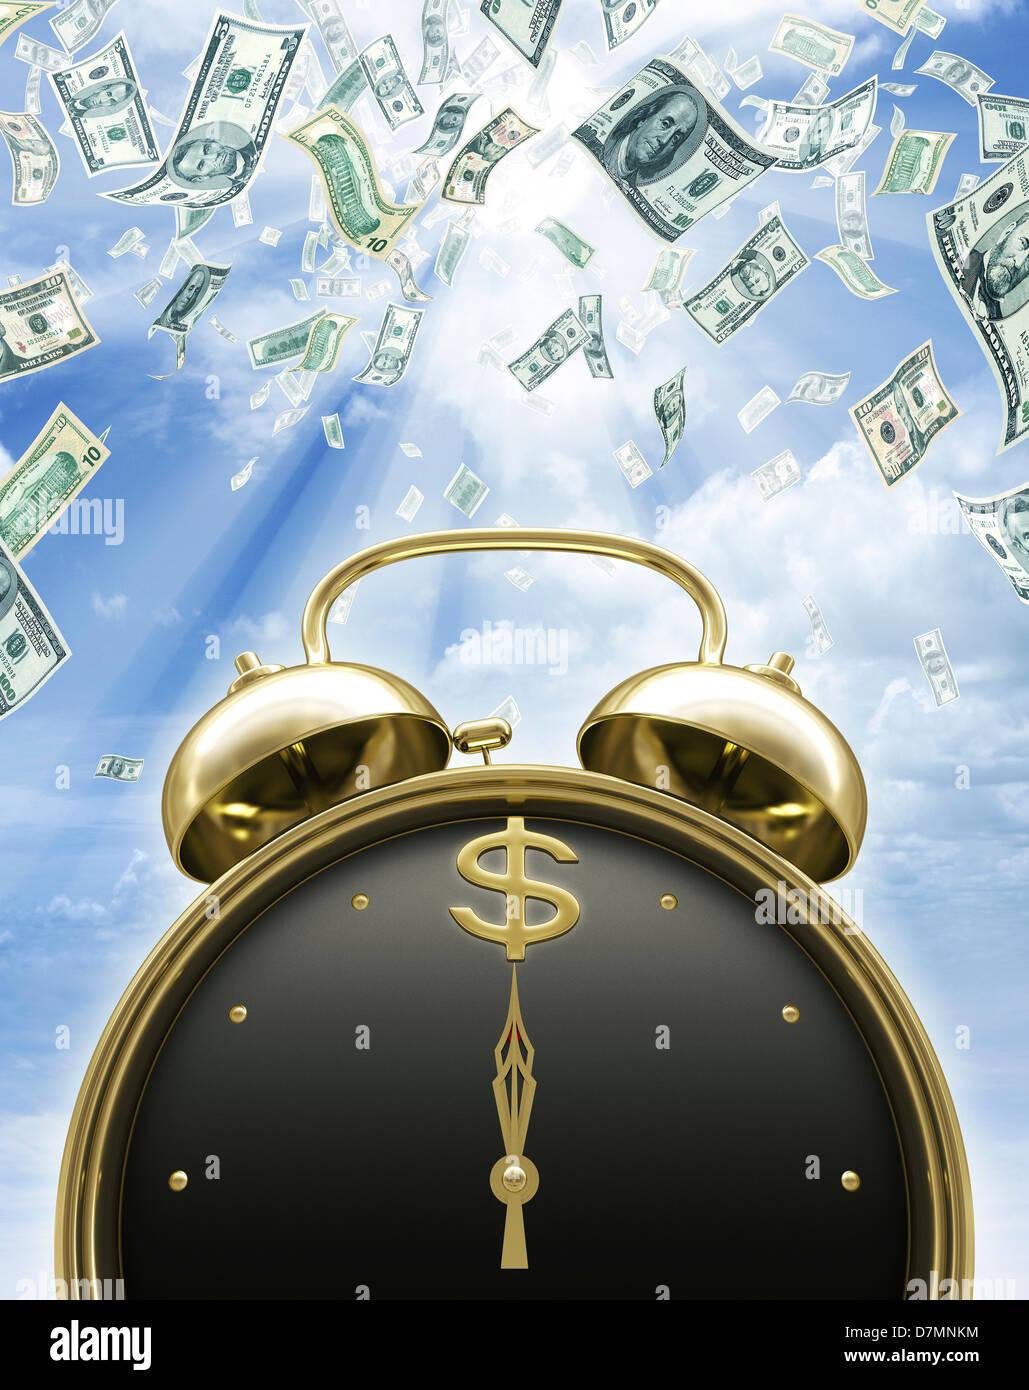 Le temps est argent, conceptual artwork Photo Stock